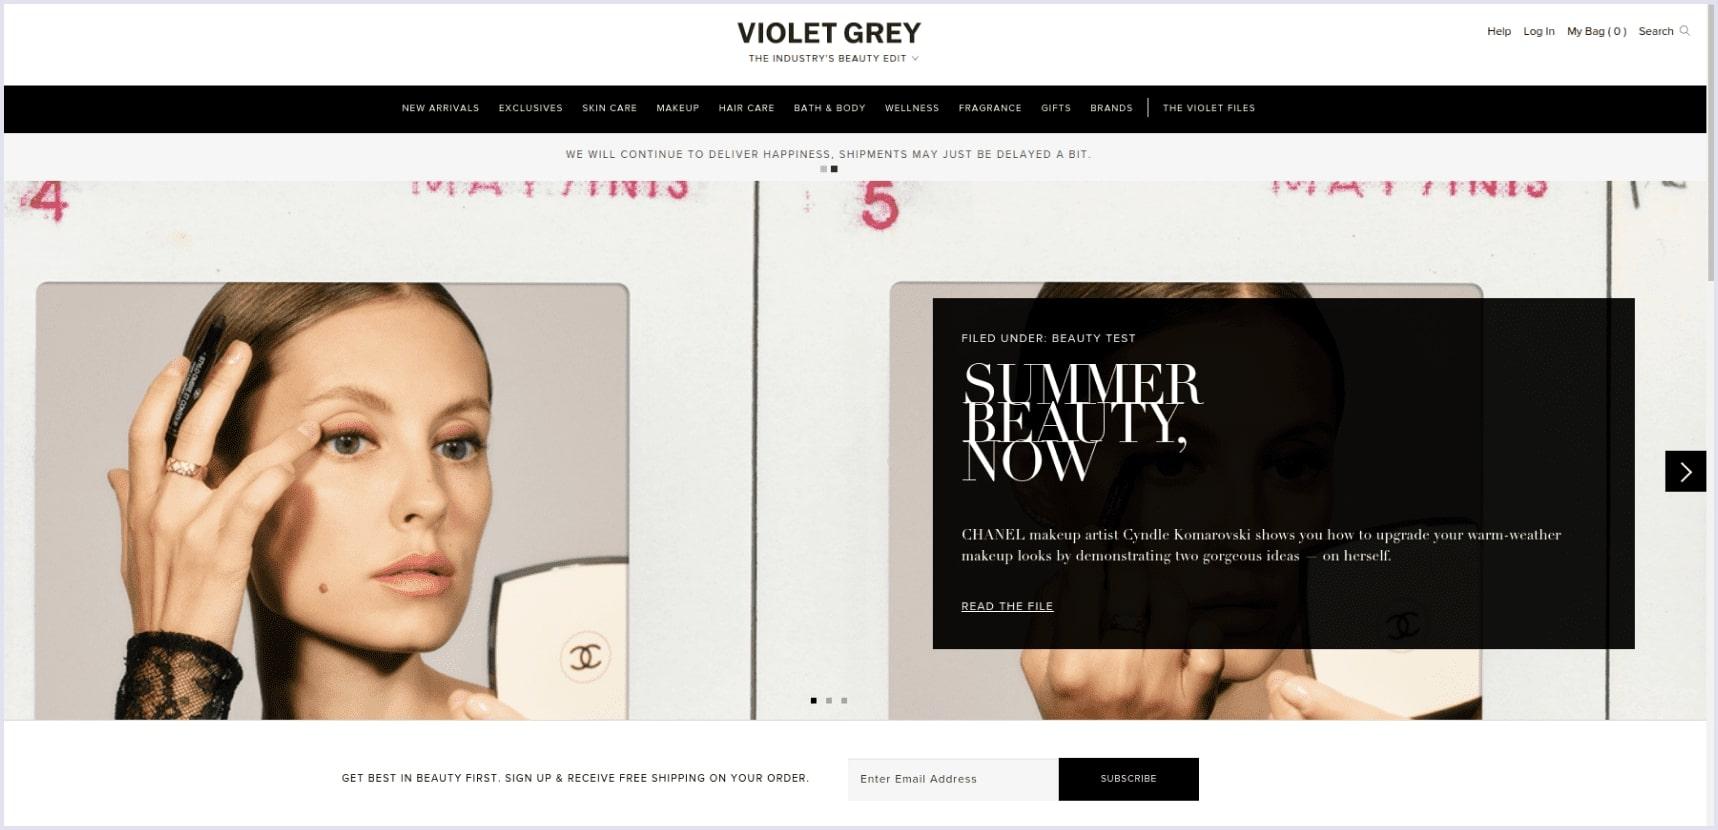 e-commerce site on spree Violet grey | Codica